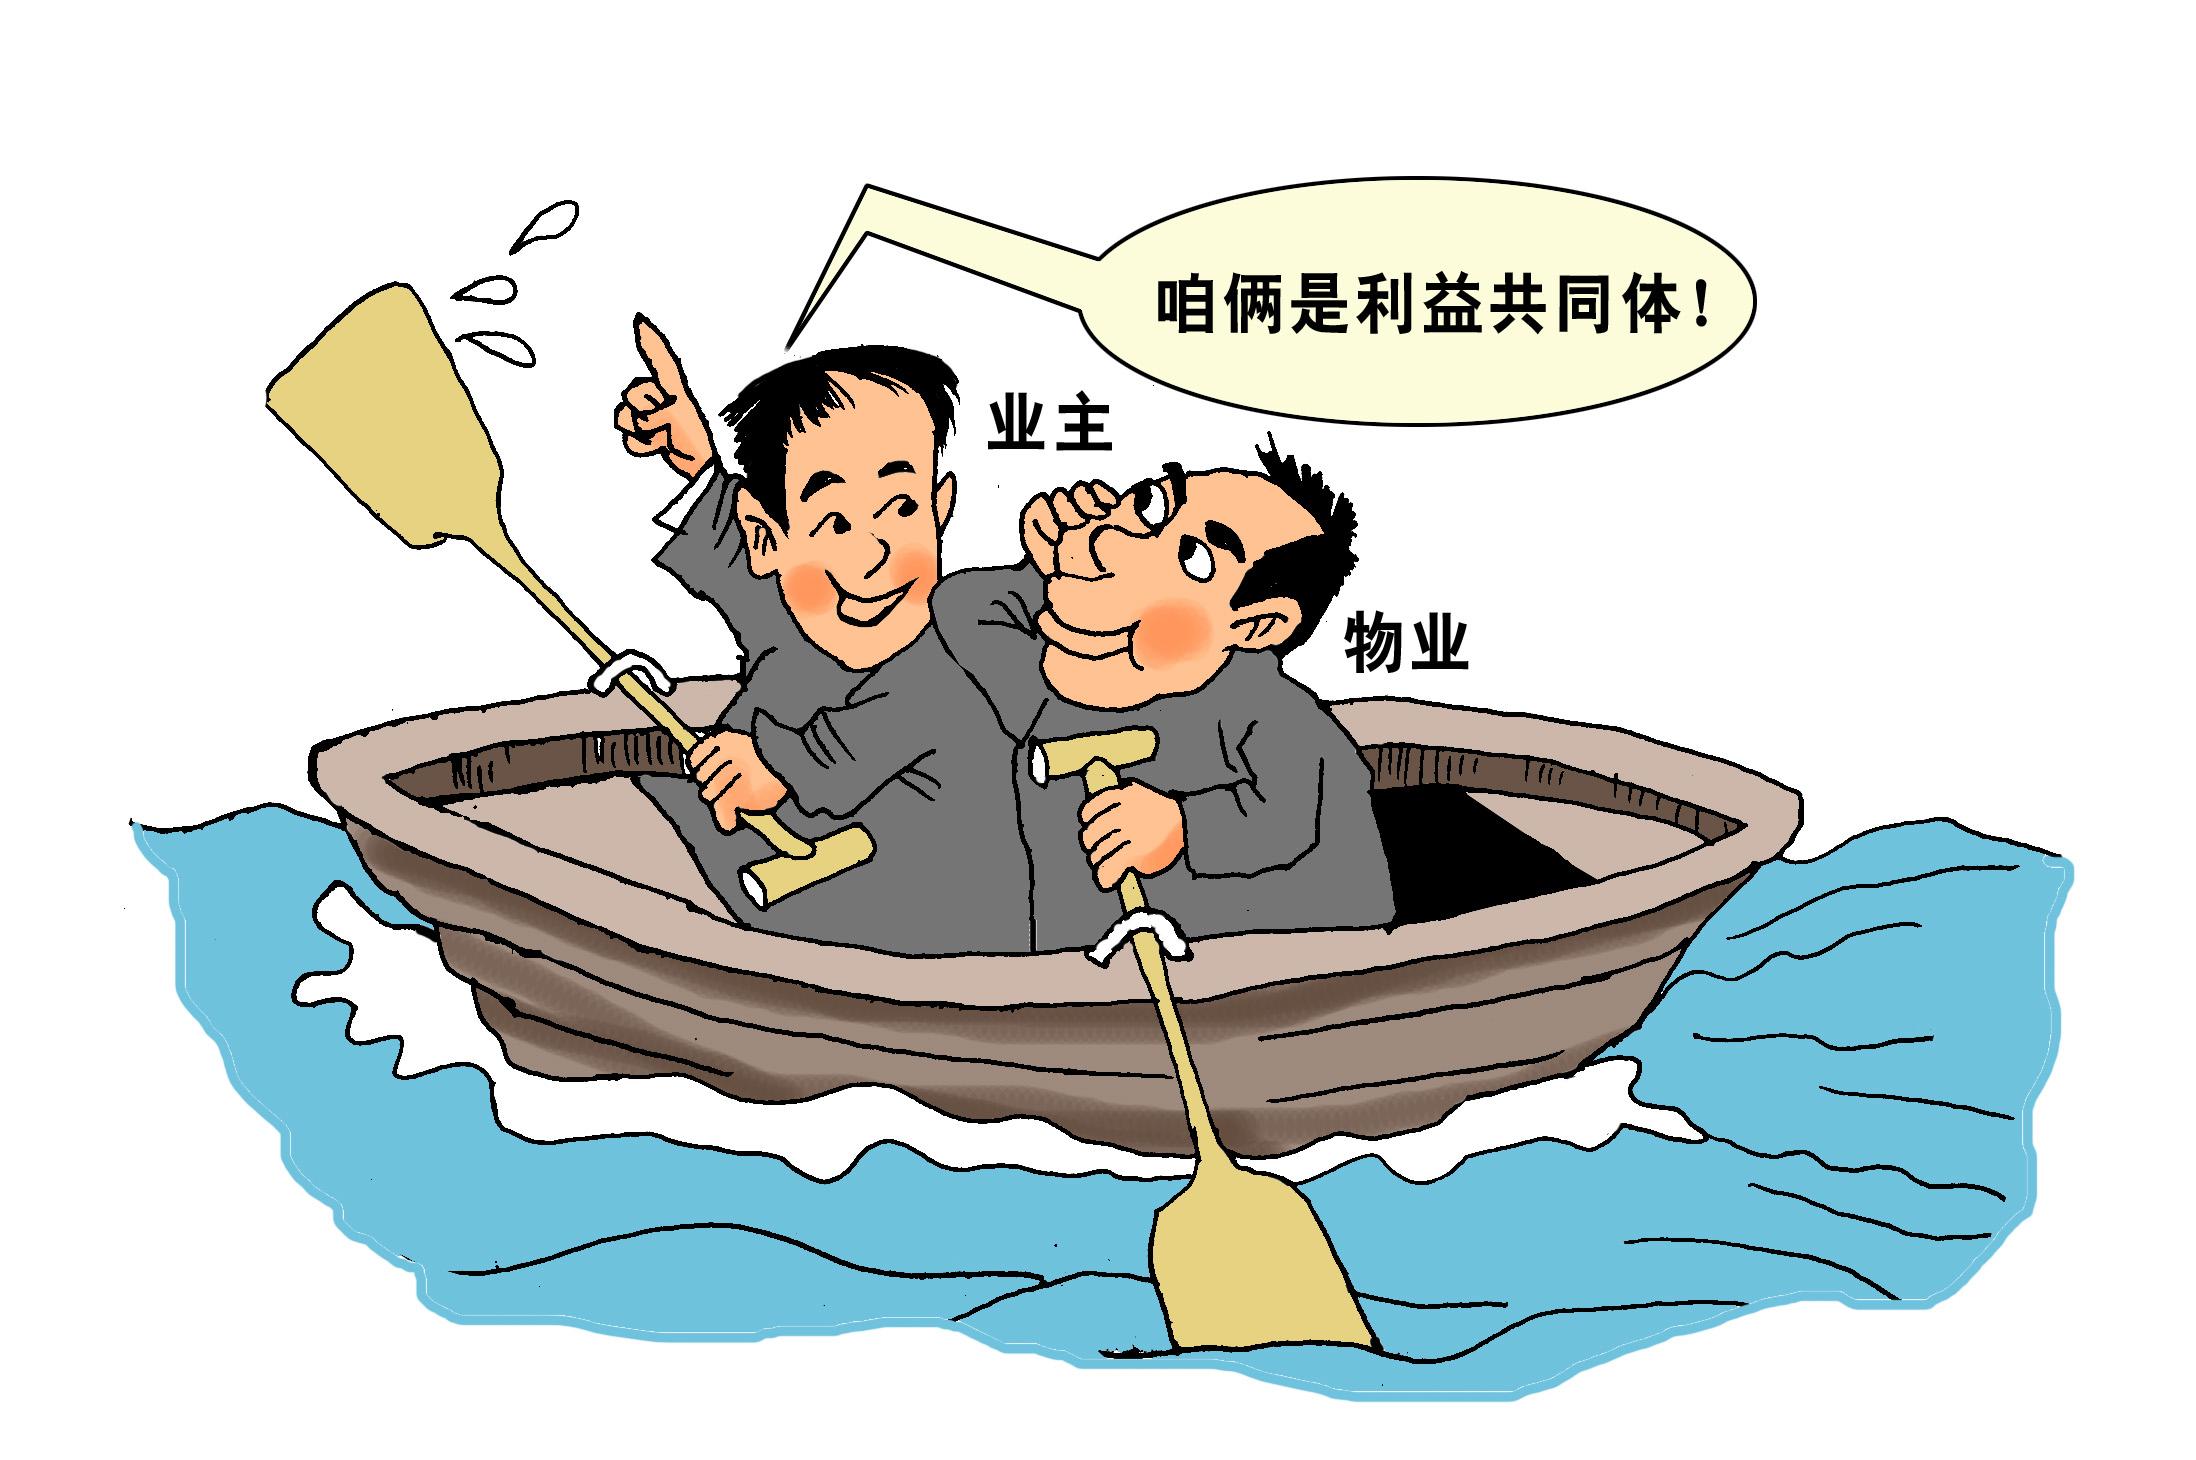 利益面前见人心的图片_WWW.QQYA.COM